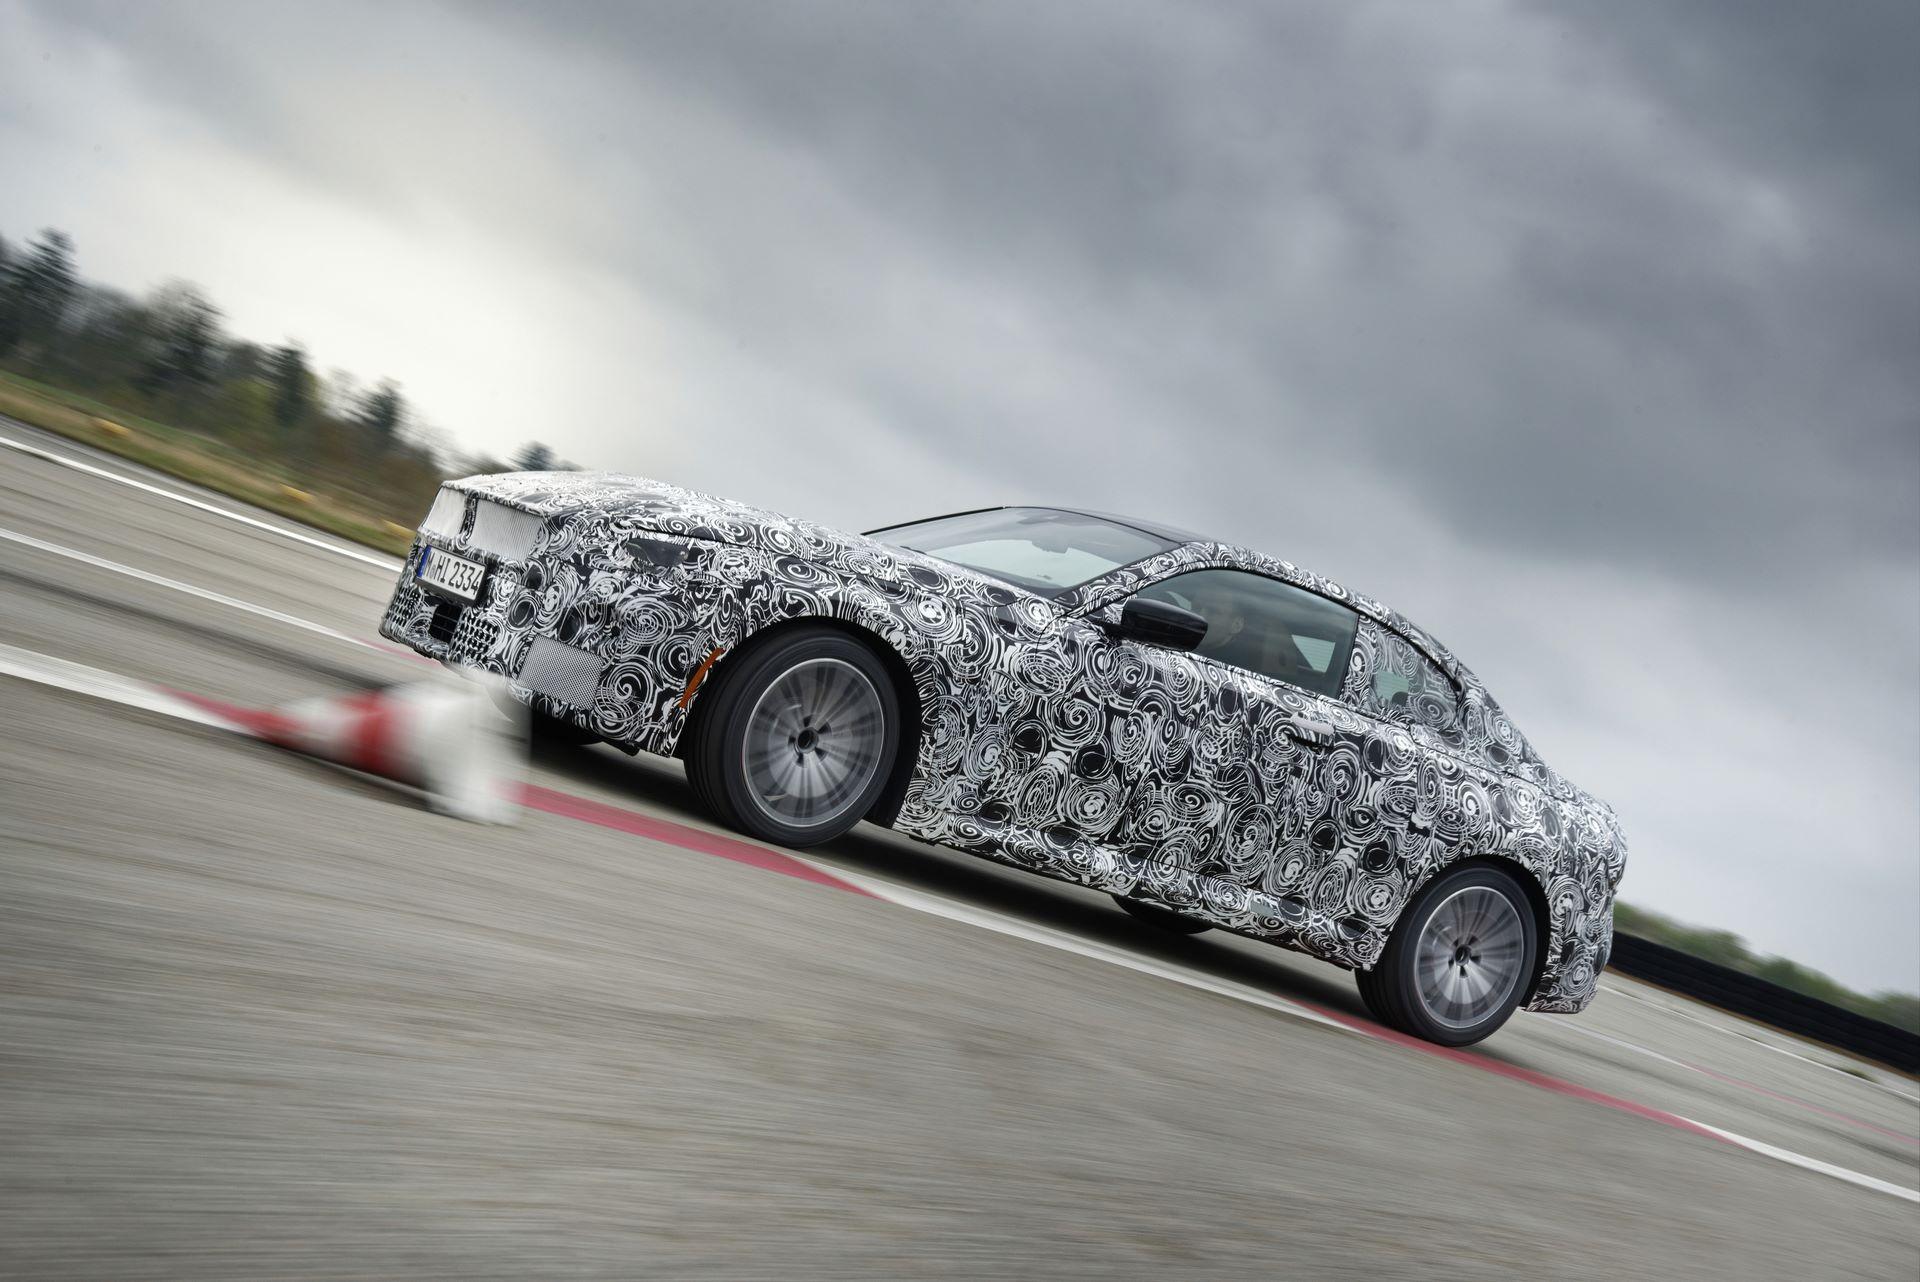 BMW-2-Series-M240i-spy-photos-24